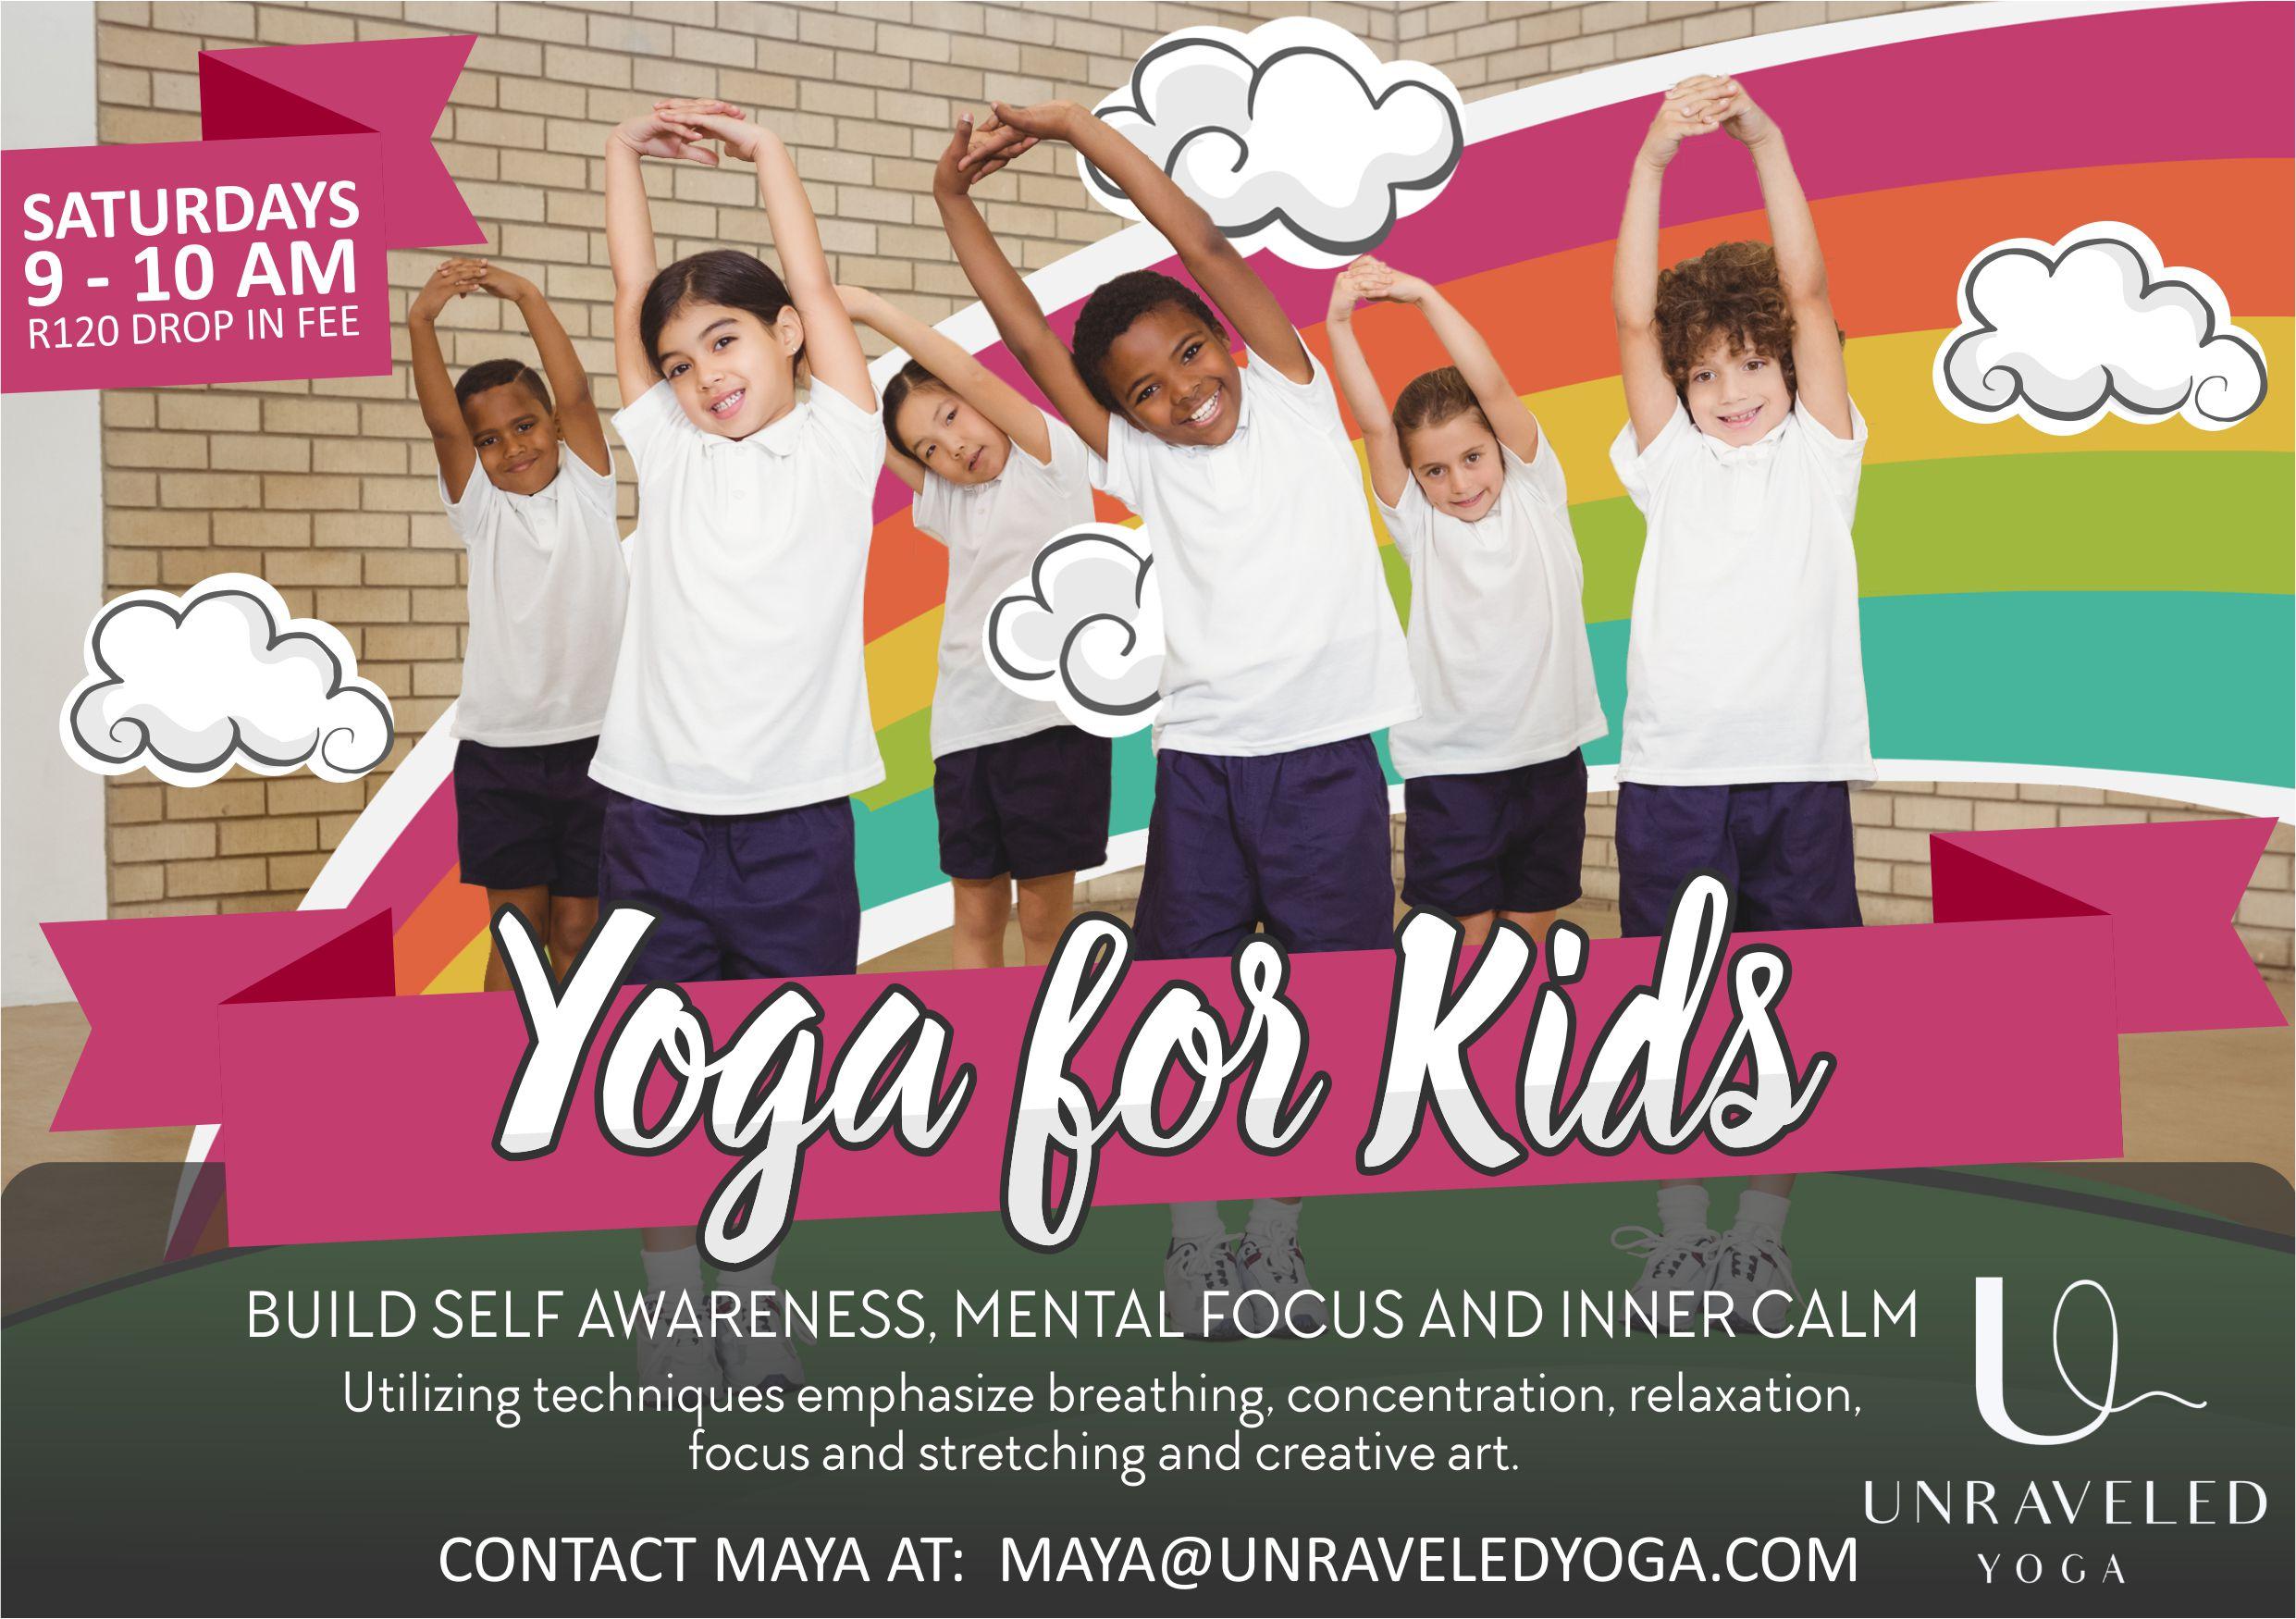 Cape Town Yoga Kids Yoga Vinyasa